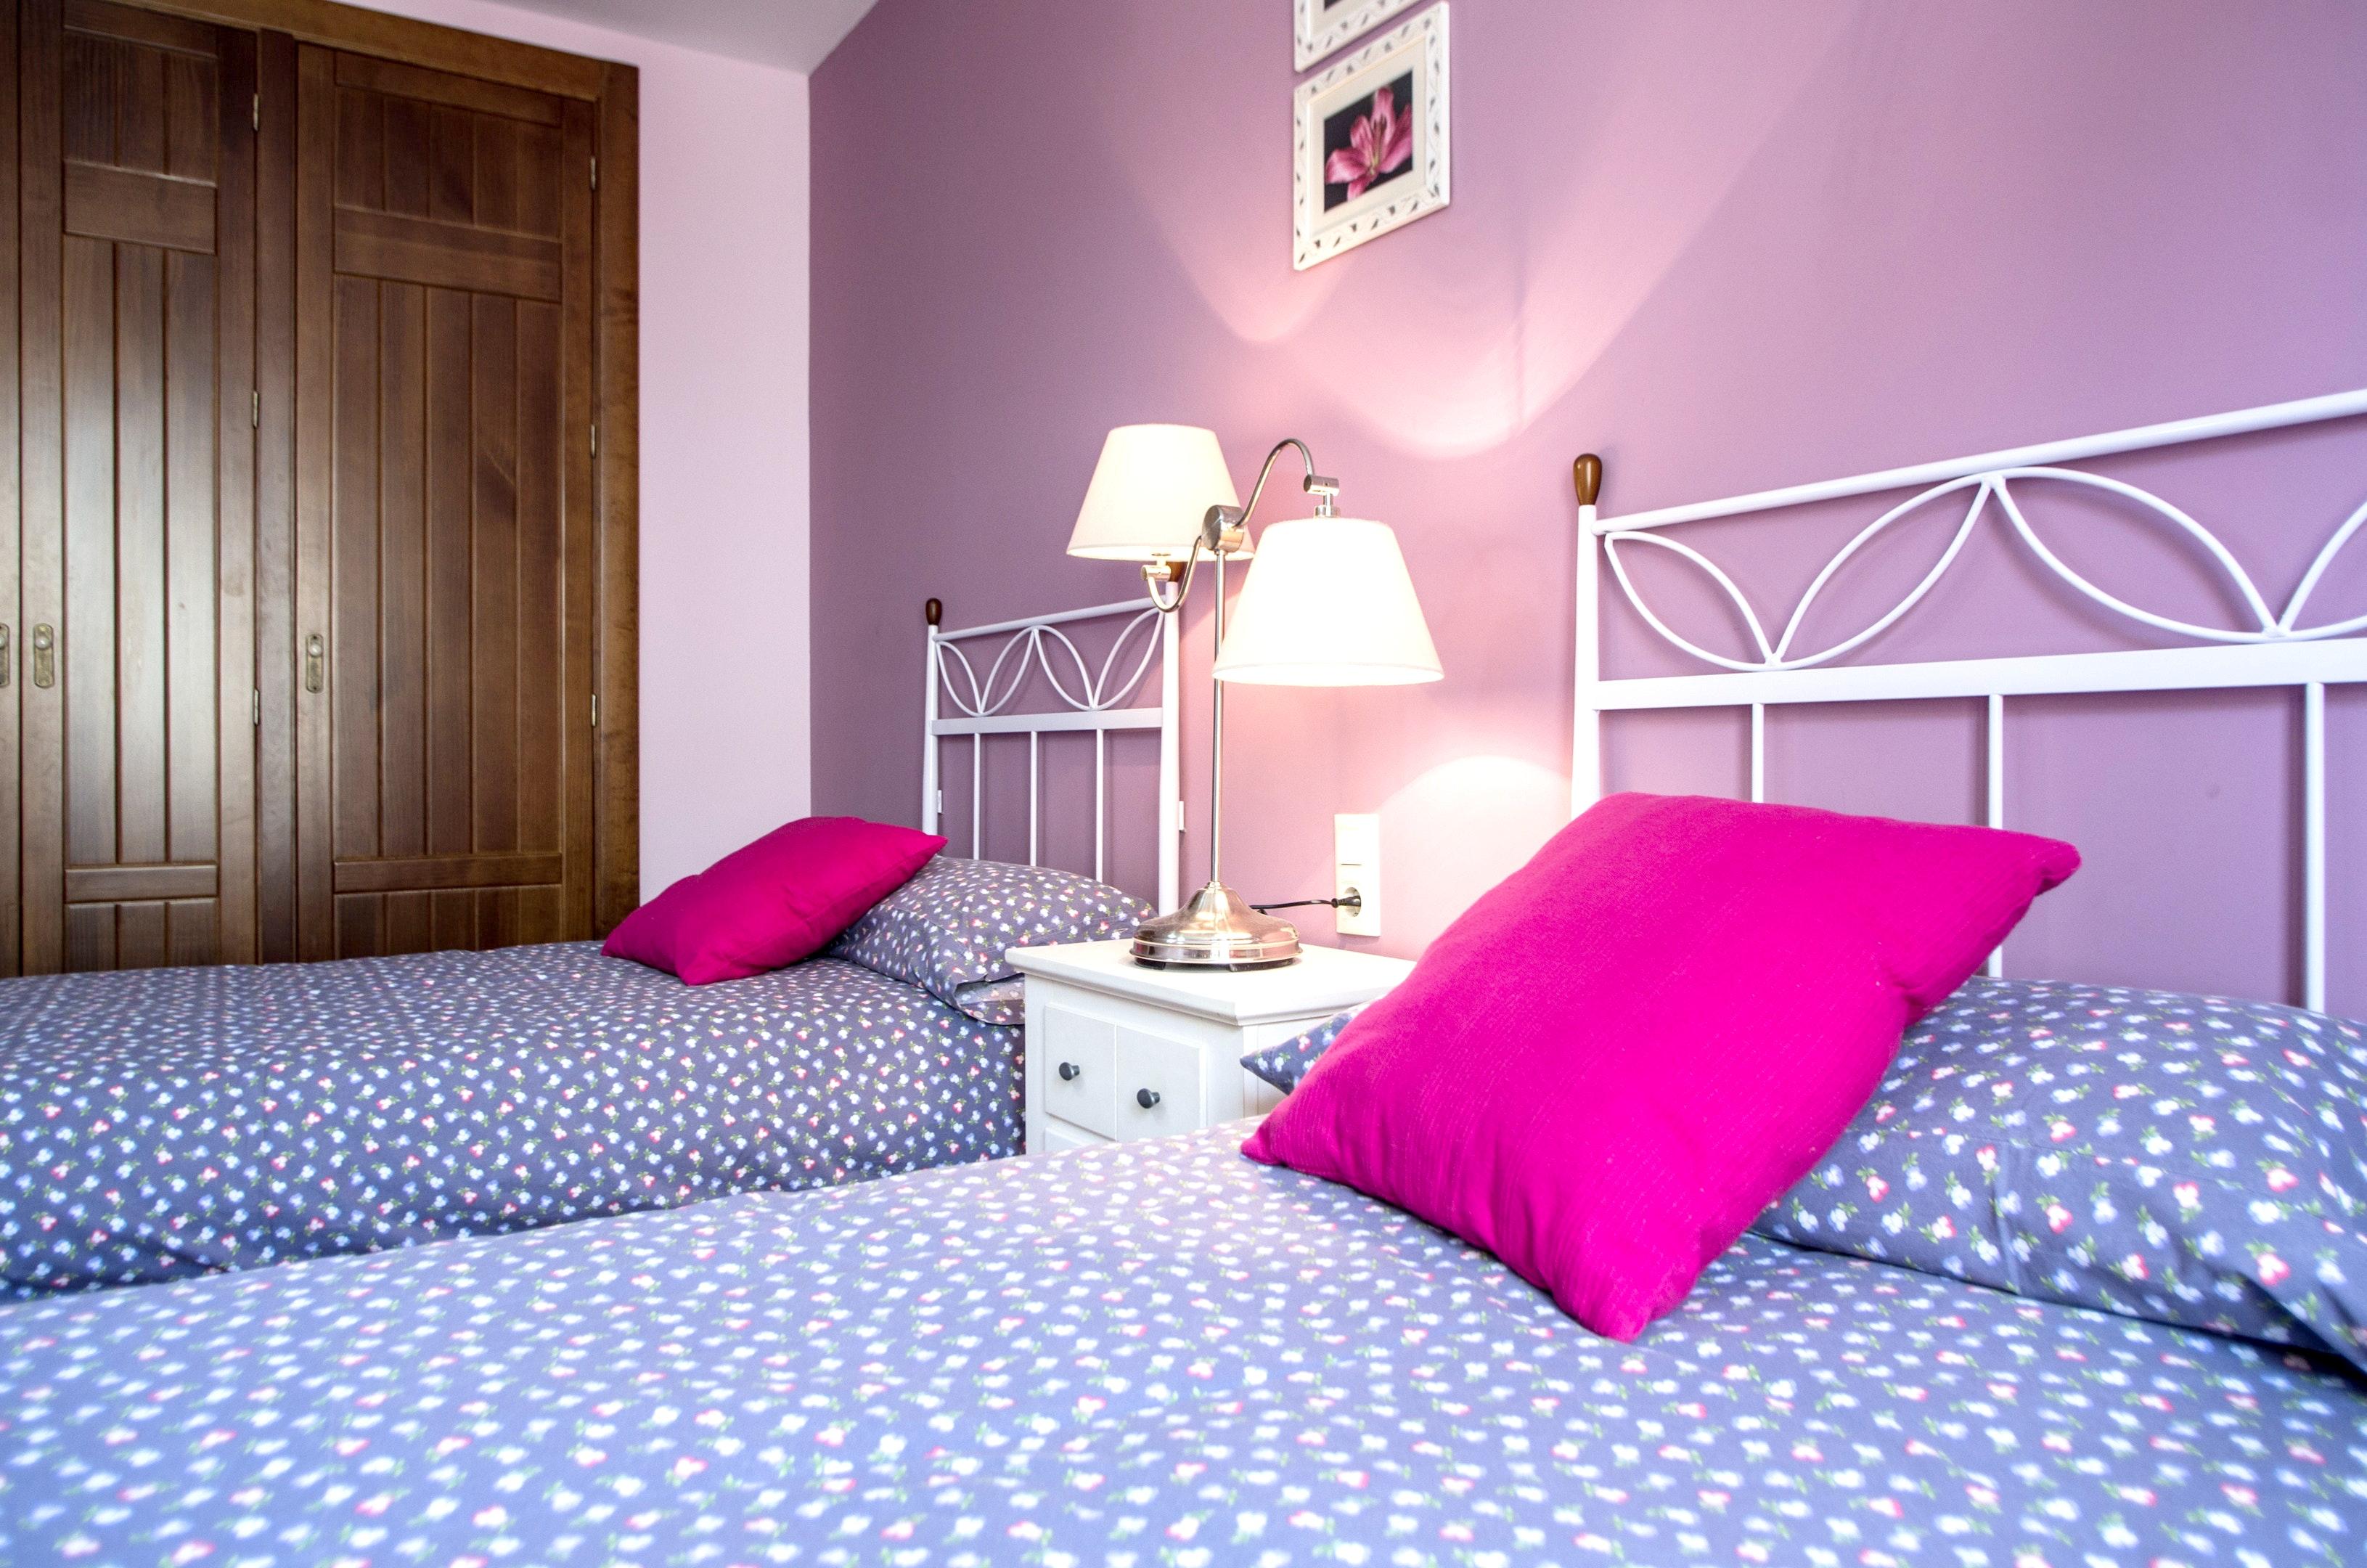 Ferienhaus Haus mit 3 Schlafzimmern in Talayuelas mit toller Aussicht auf die Berge, möblierter Terra (2202603), Talayuelas, Cuenca, Kastilien-La Mancha, Spanien, Bild 18